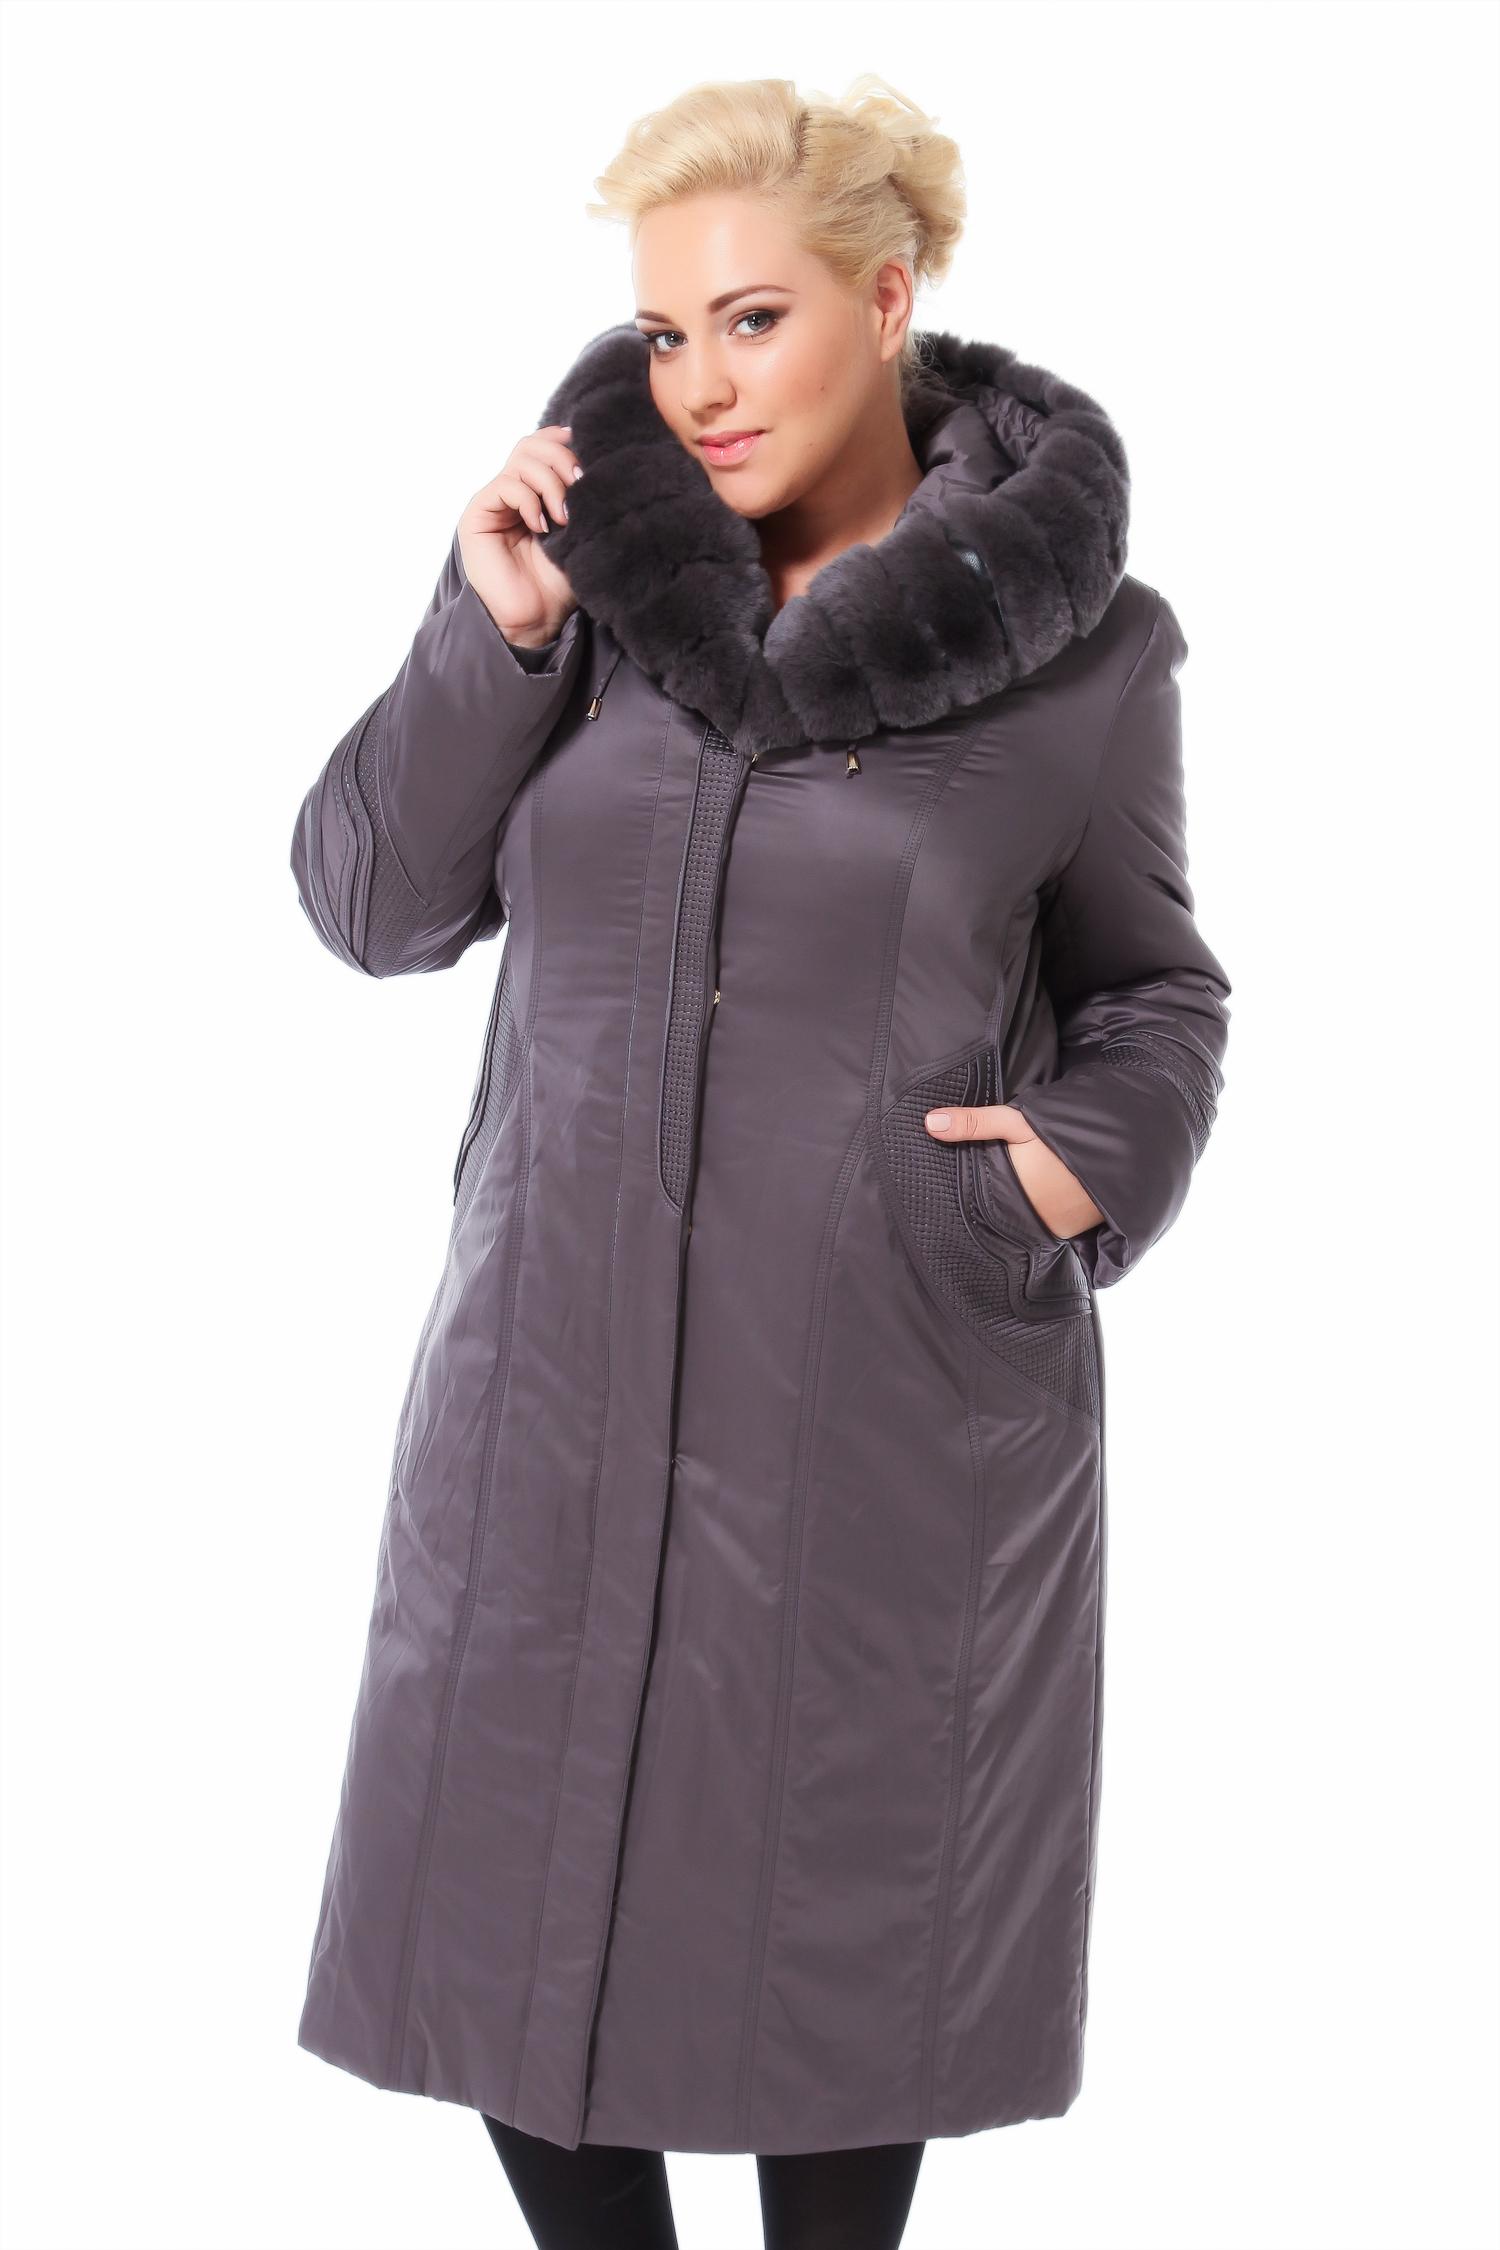 Пальто на меху с капюшоном, отделка кроликЦвет  стальной.<br><br>Пальто-пихора сшито из полиэстера. Отделка выполнена из меха кролика Рекс. В качестве утеплителя использован синтепон, а также подстежка из меха кролика.<br><br>Прямой, лаконичный силуэт, минимум деталей, демонстрируют классические представления россиян о зимней одежде . Плотная ткань защищает от ветра и отталкивает влагу. Благодаря подкладке из меха кролика и комфортной длине вещь очень теплая и легкая. Очень удобно, что без меховой подстежки верхняя часть изделия также является самодостаточной. Длина этой модели  110 см, под такое пальто можно подобрать любой наряд и забыть, что такое непрактичная верхняя одежда. Эта комфортная модель подходит для разных типов фигур. Объемный меховой капюшон выигрышно дополняет образ, придавая ему элегантность.<br><br>Воротник: капюшон<br>Длина см: Длинная (свыше 90)<br>Материал: Текстиль<br>Цвет: серый<br>Вид застежки: центральная<br>Застежка: на молнии<br>Пол: Женский<br>Размер RU: 56